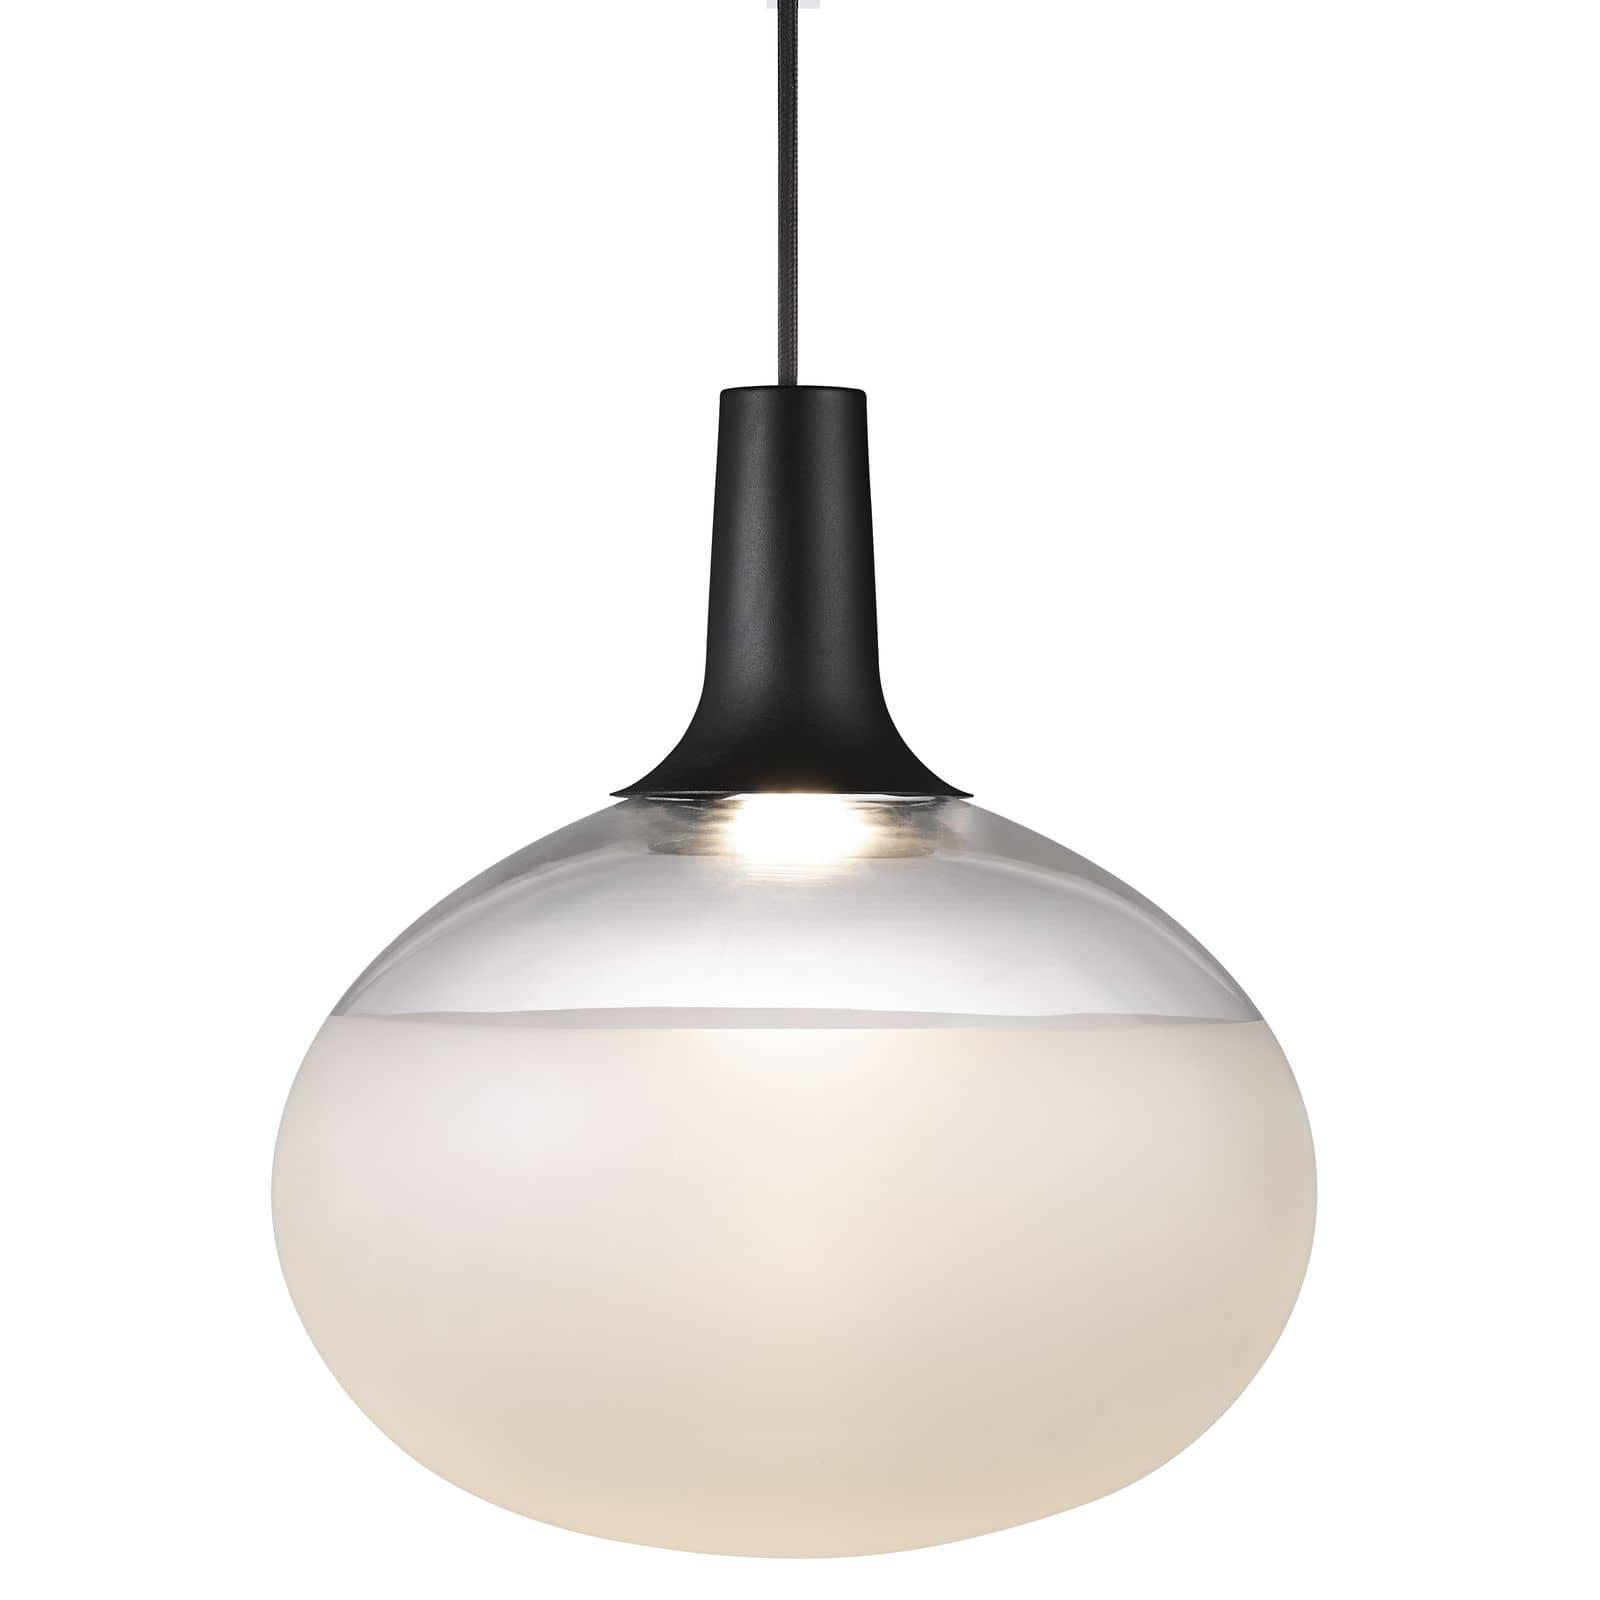 nordlux 84383003 dee led pendelleuchte 13w glas schwarz. Black Bedroom Furniture Sets. Home Design Ideas